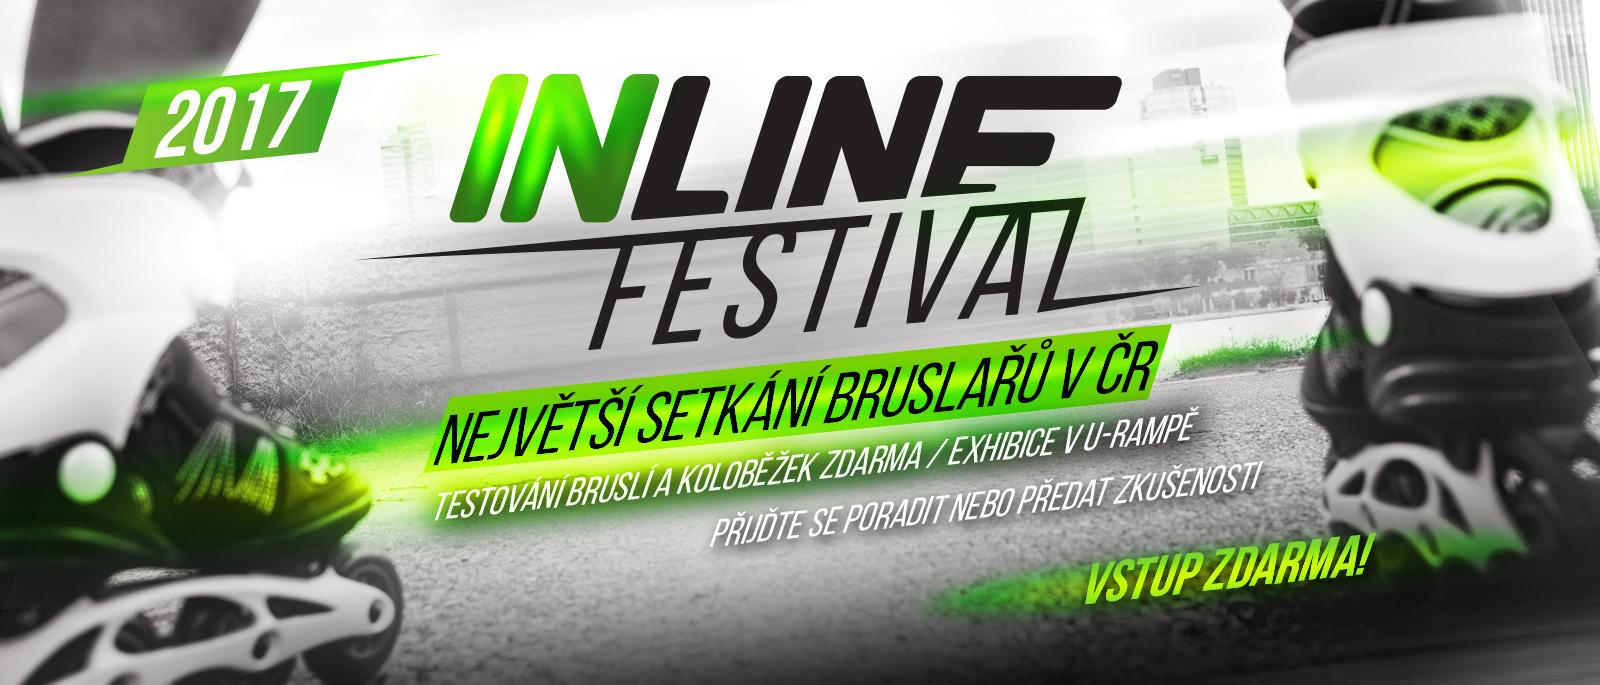 Inline festival 2017 - testování bruslí pro veřejnost zdarma